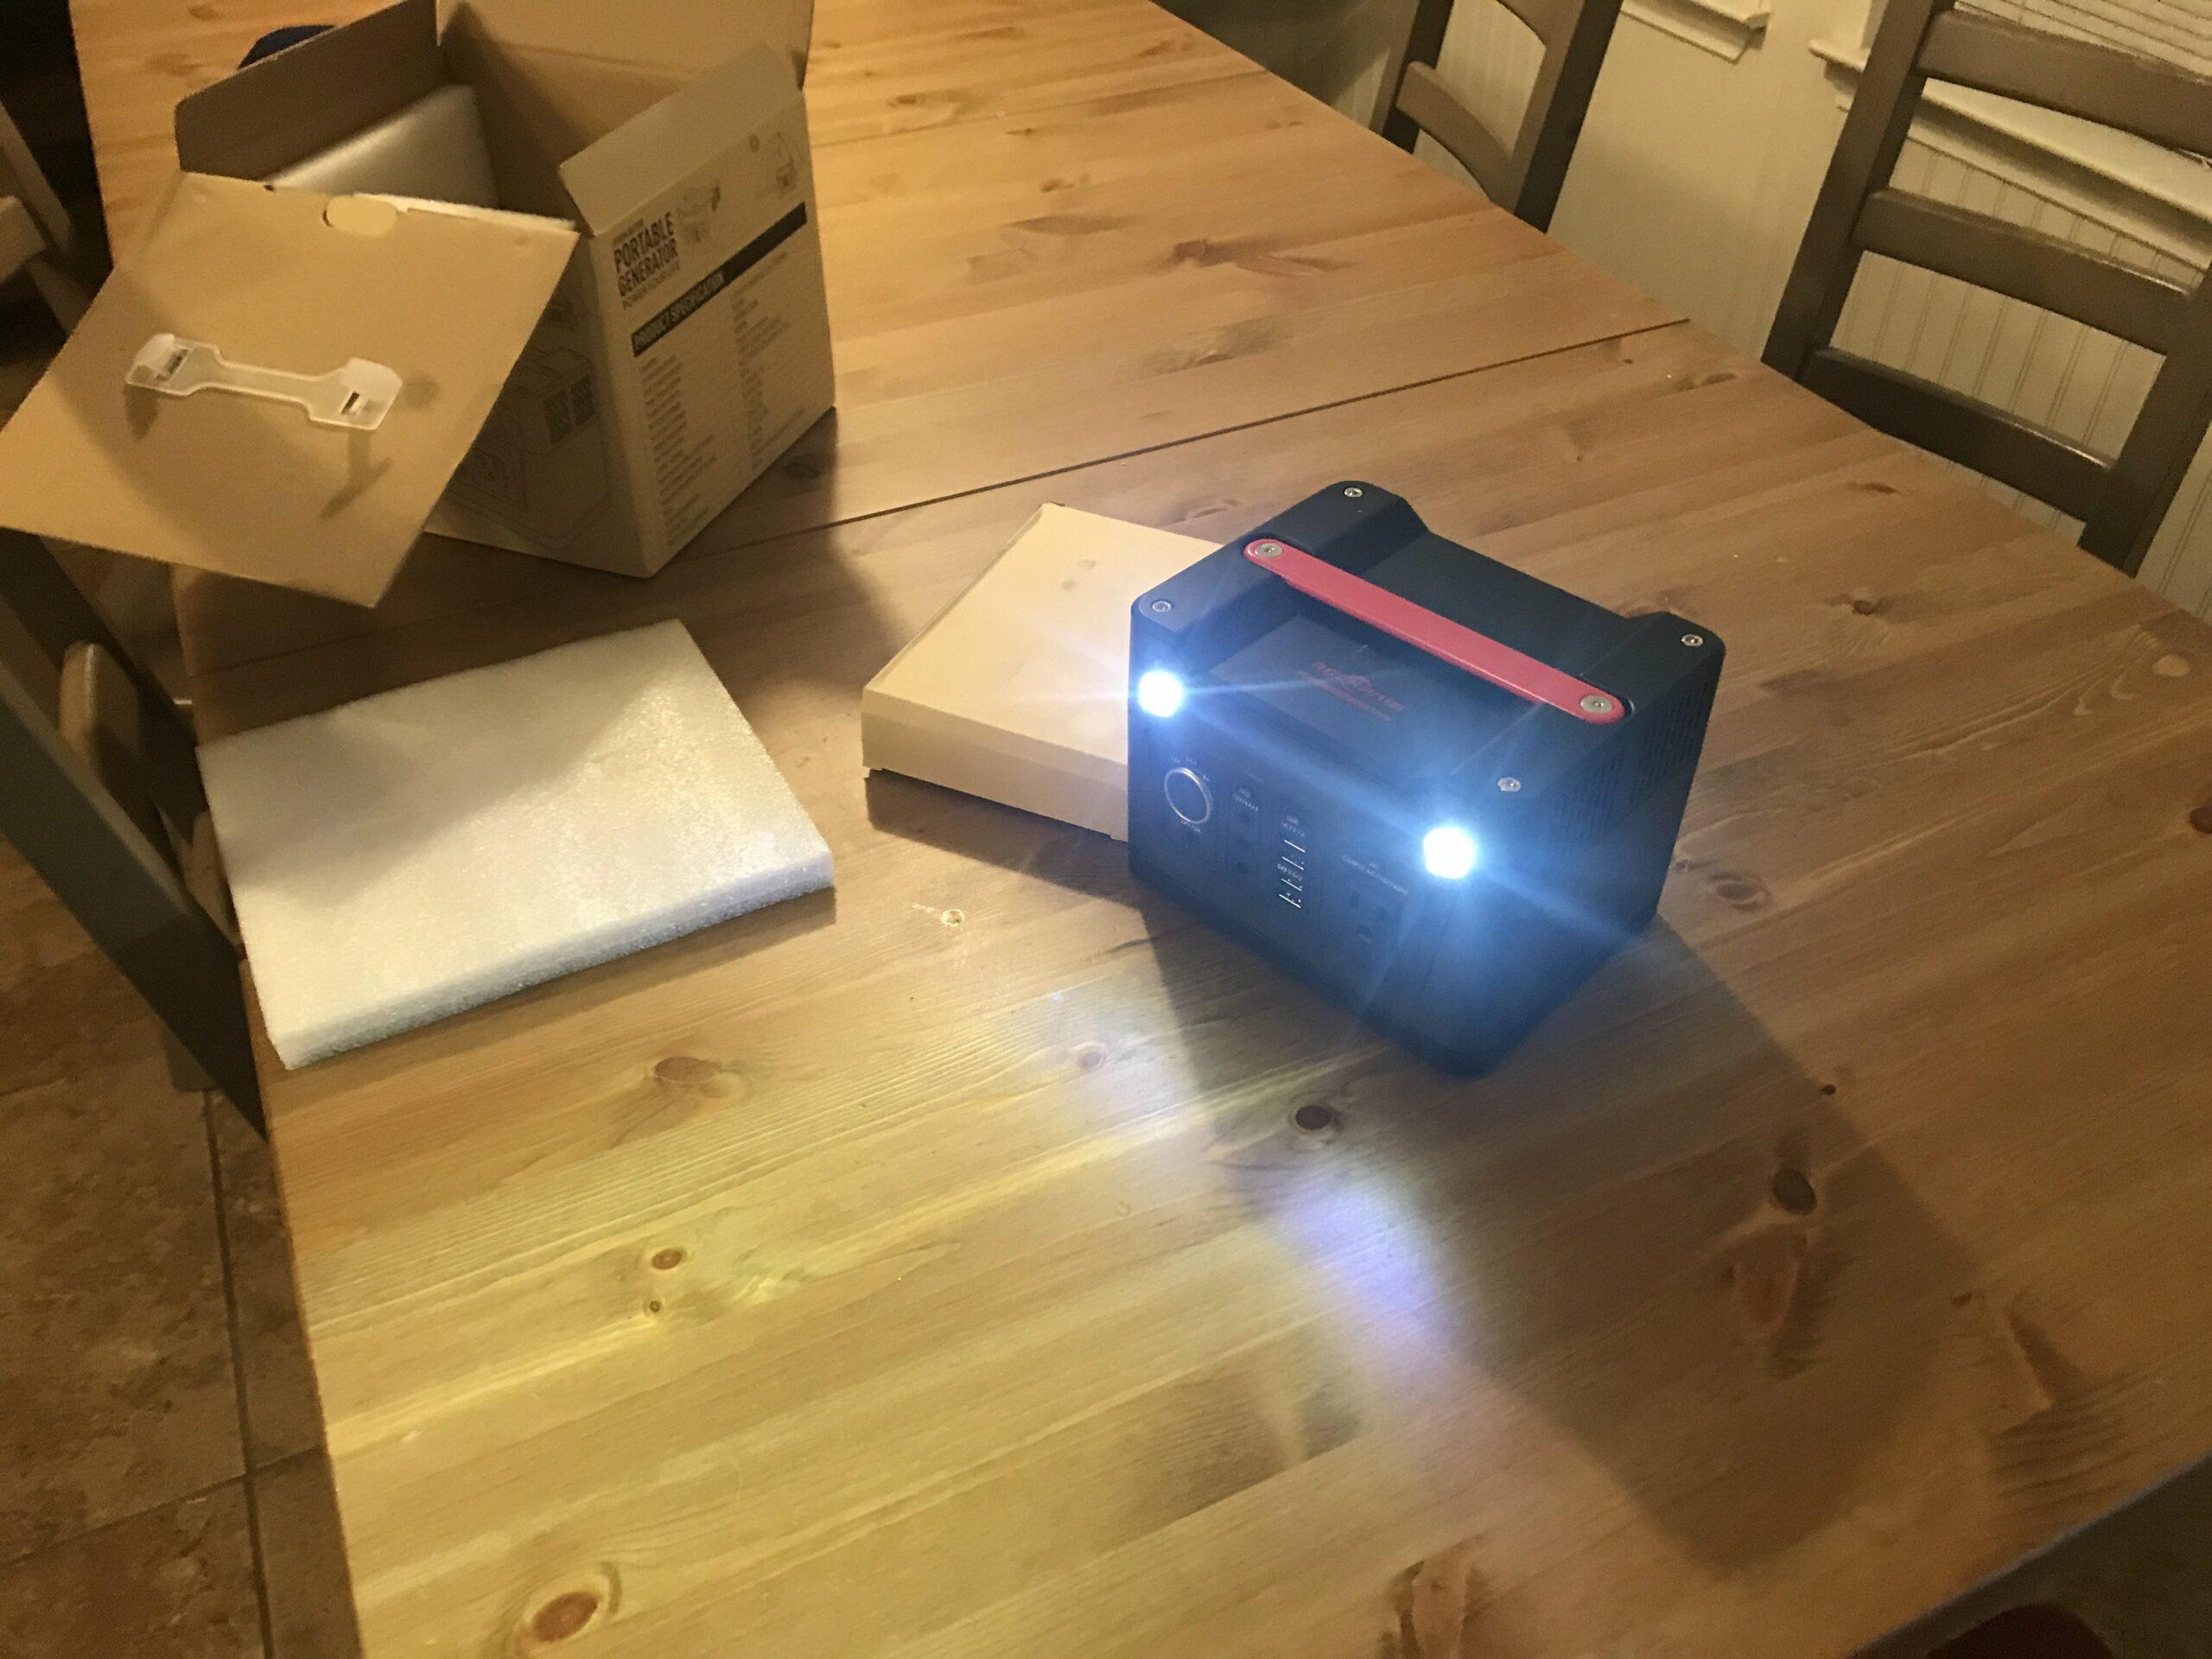 Rockpals 300 watt generator Portable Power unboxing